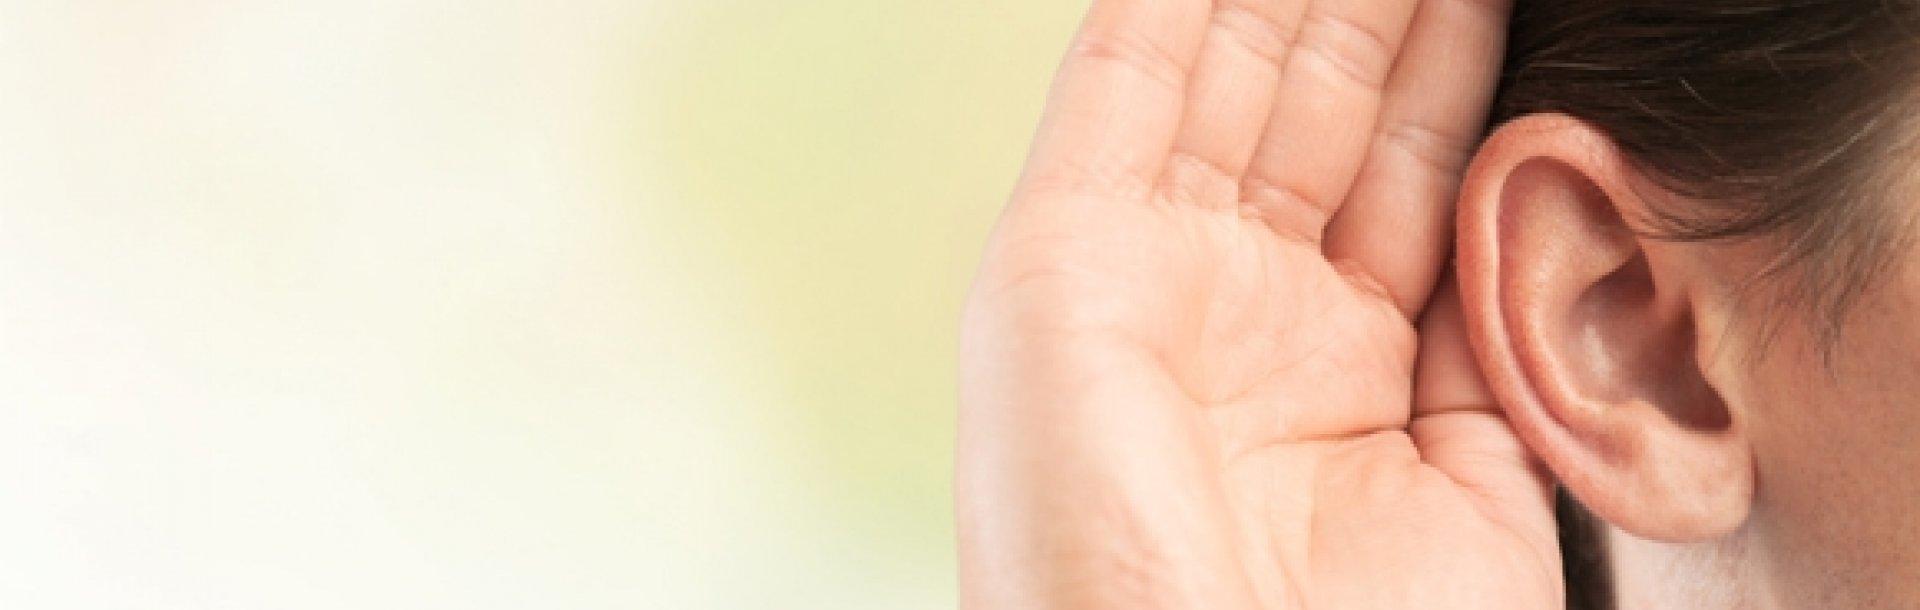 חוקרים מאוניברסיטת תל-אביב גילו את אחת הסיבות לאובדן שמיעה בגיל מבוגר